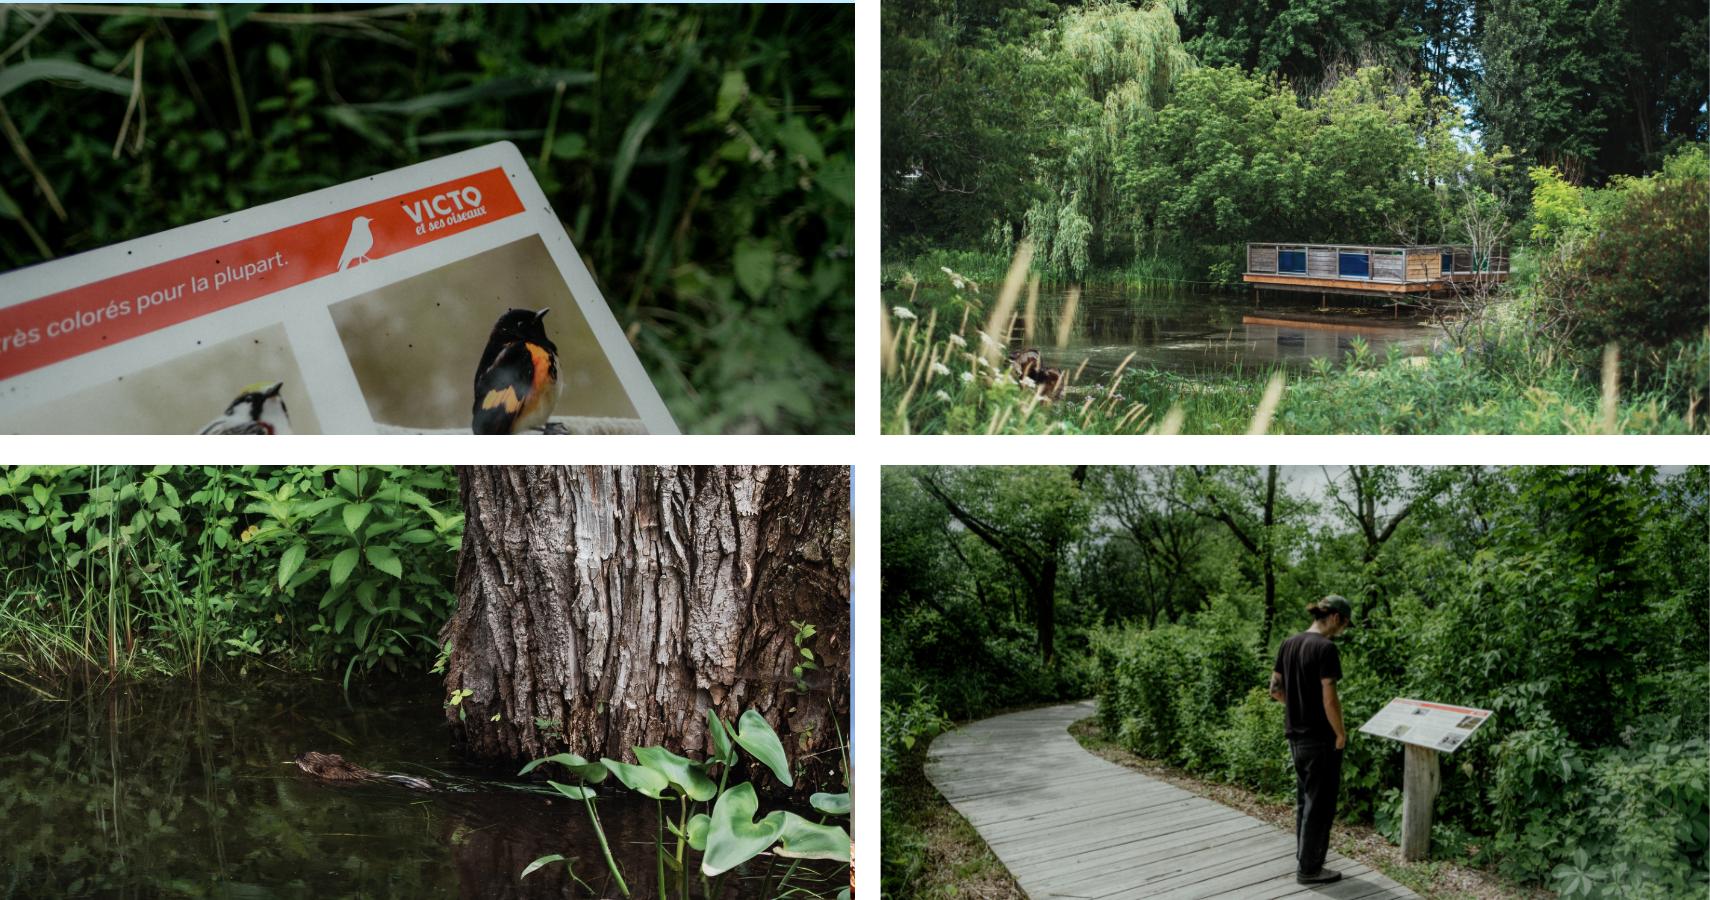 Le parc Terre-de-Jeunes, pour la nature et les magnifiques aménagements qui s'y trouvent - ©Les Maximes